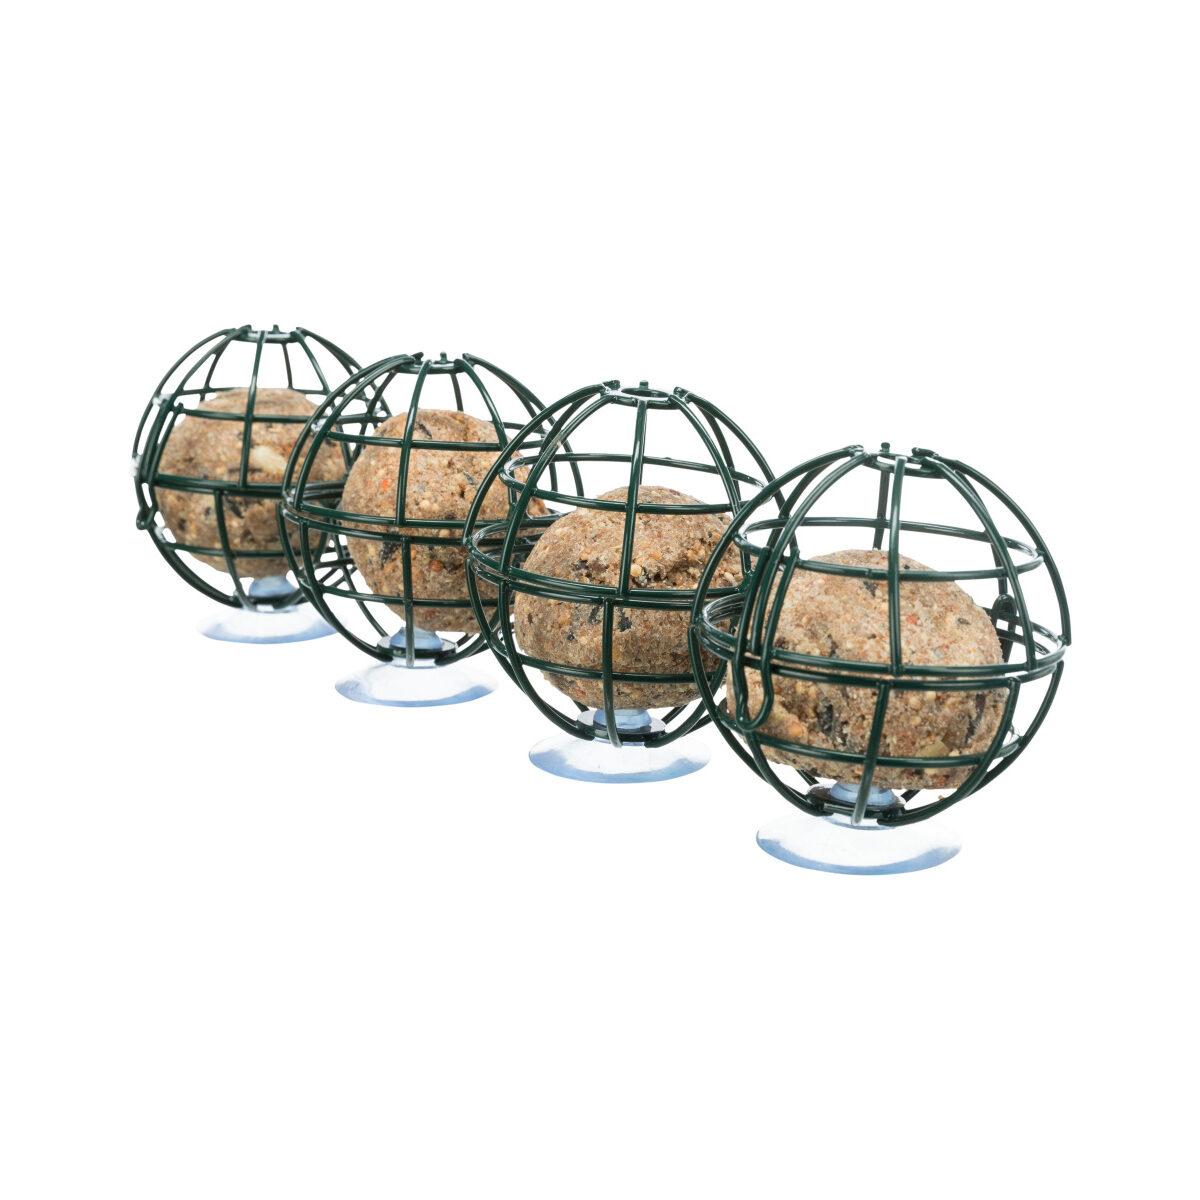 Trixie Mezenbollenhouder voor Vensterruit Donkergroen ⌀7x29 cm - in Voederplekken